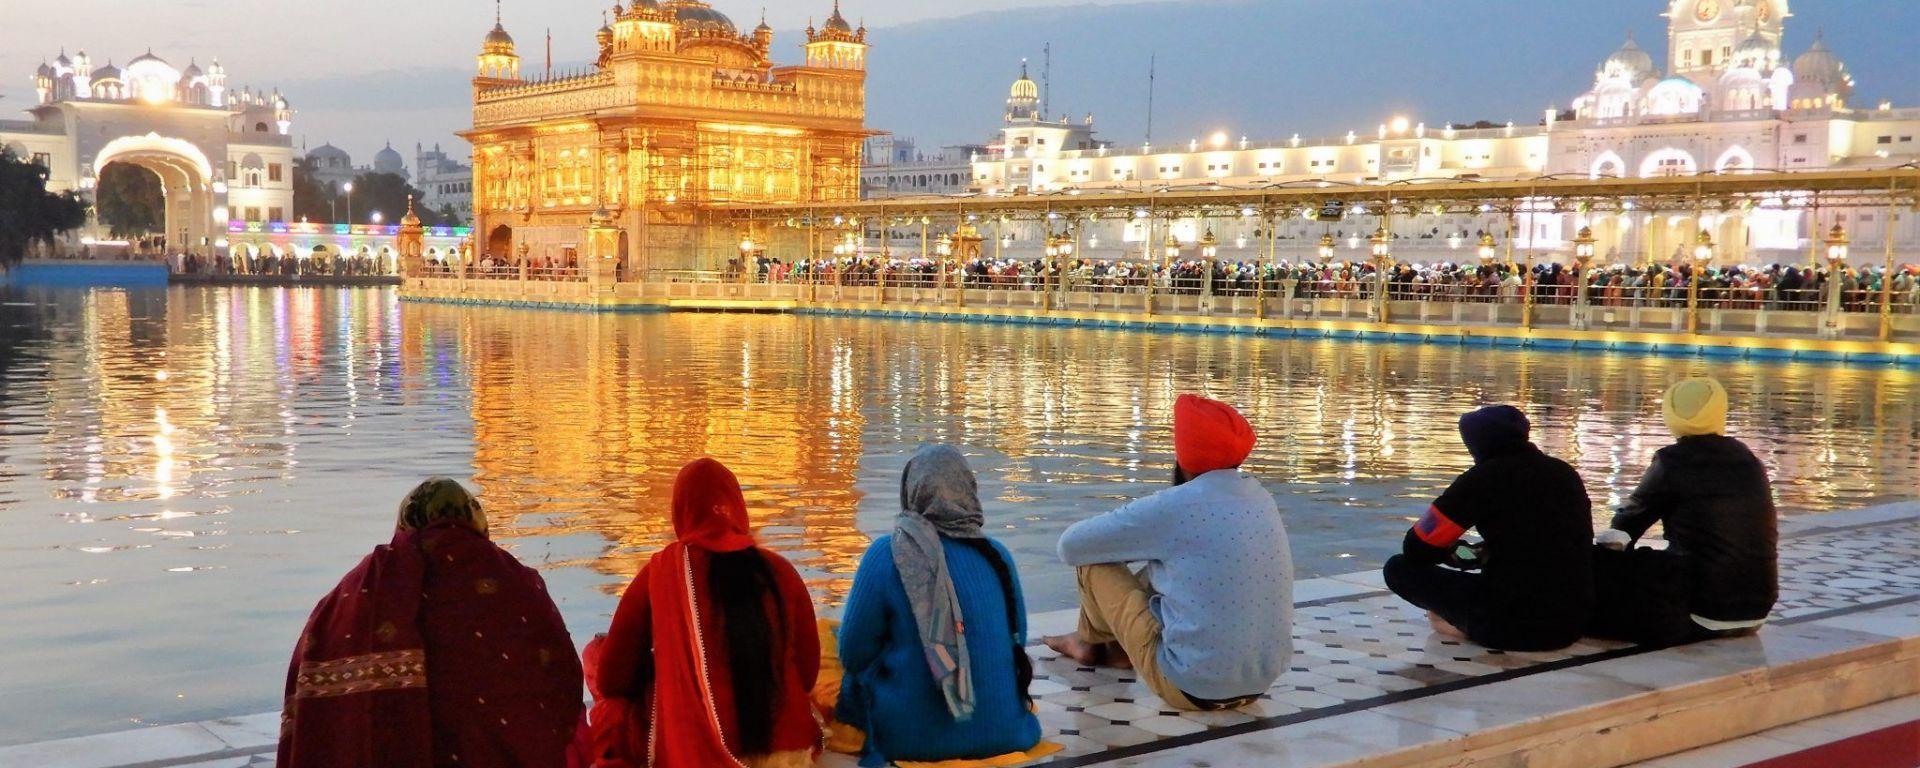 Sentados frente a Templo Dorado Golden Temple, Amritsar, India